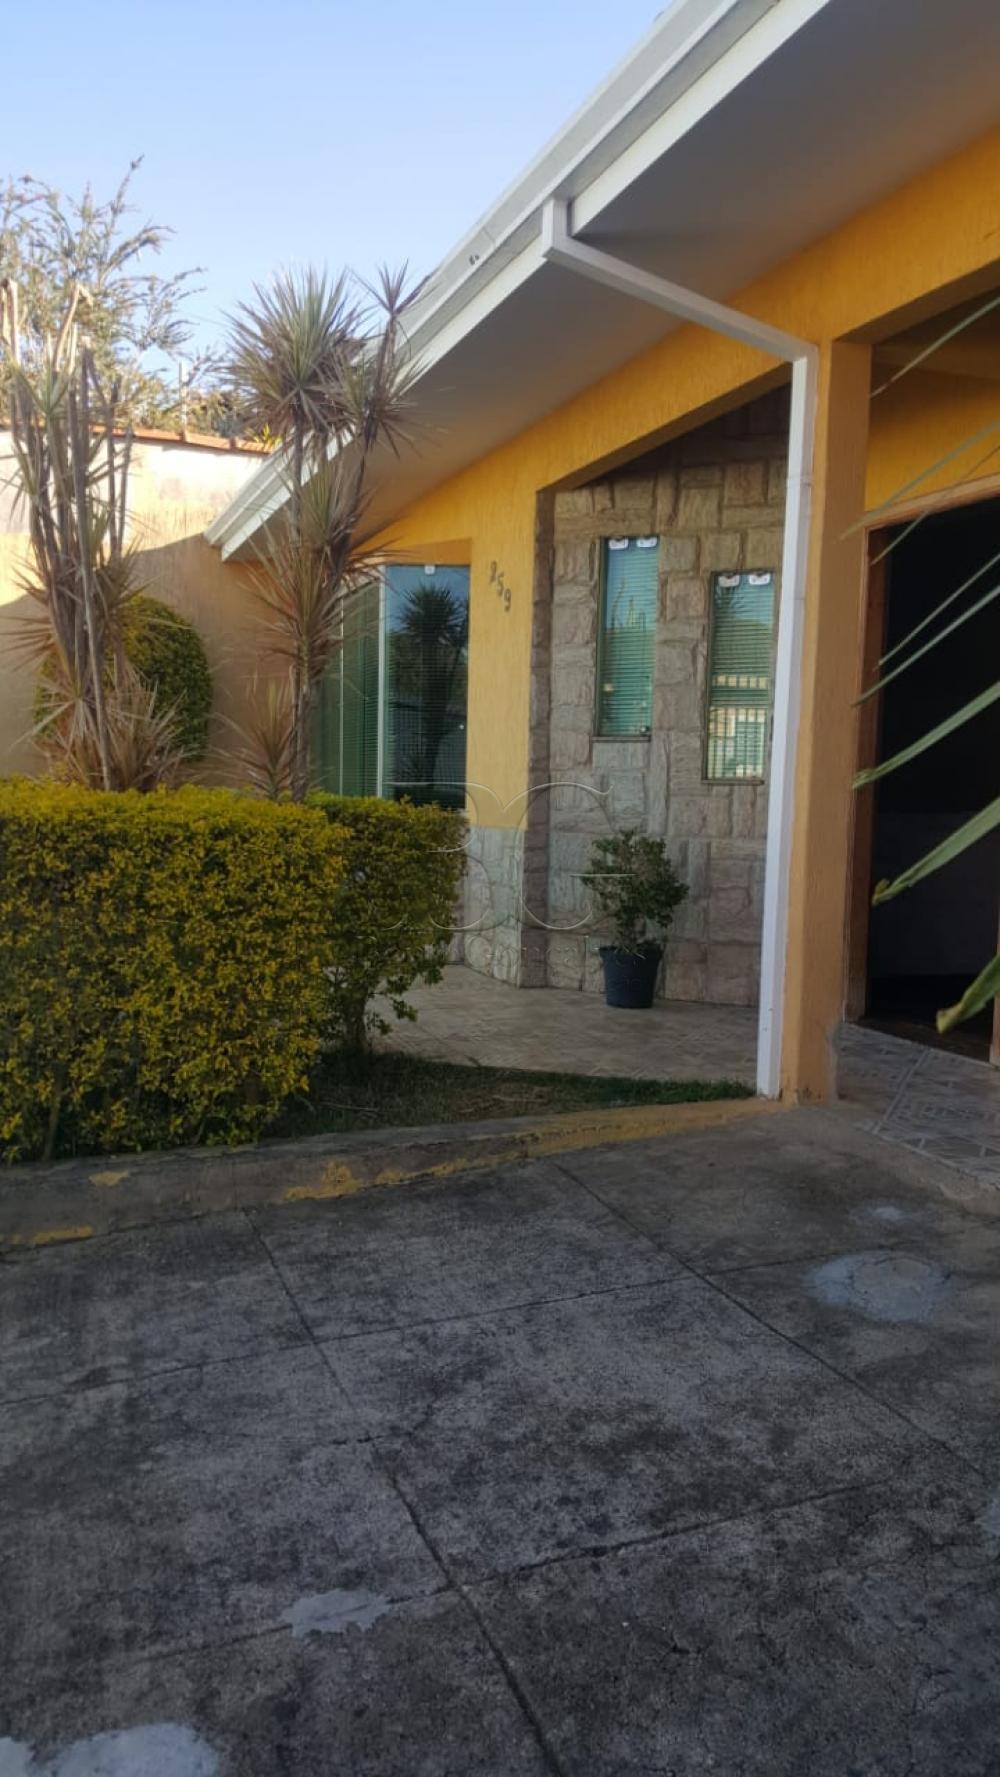 Comprar Casas / Padrão em Poços de Caldas apenas R$ 500.000,00 - Foto 3